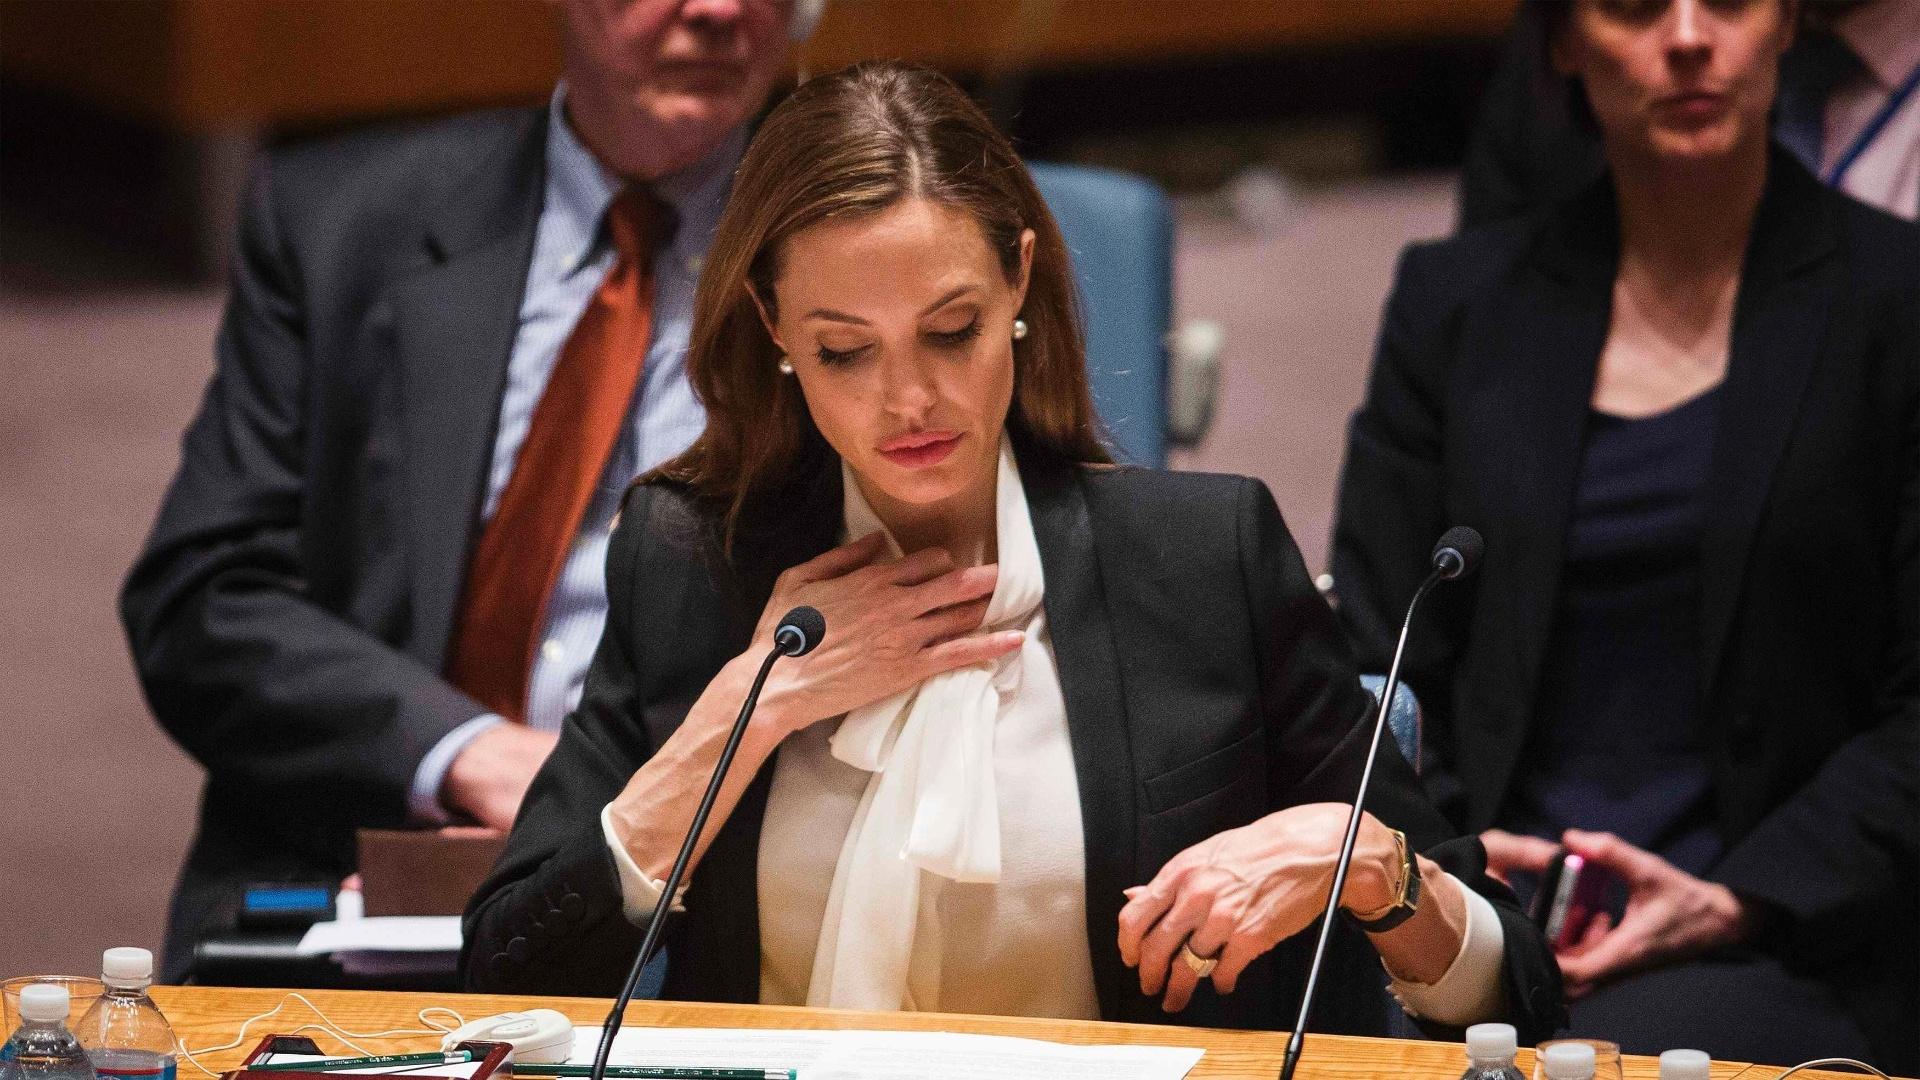 24.jun.2013 - A atriz Angelina Jolie, que é enviada especial do Alto Comissariado da ONU para Refugiados, se prepara para discursar em reunião do Conselho de Segurança